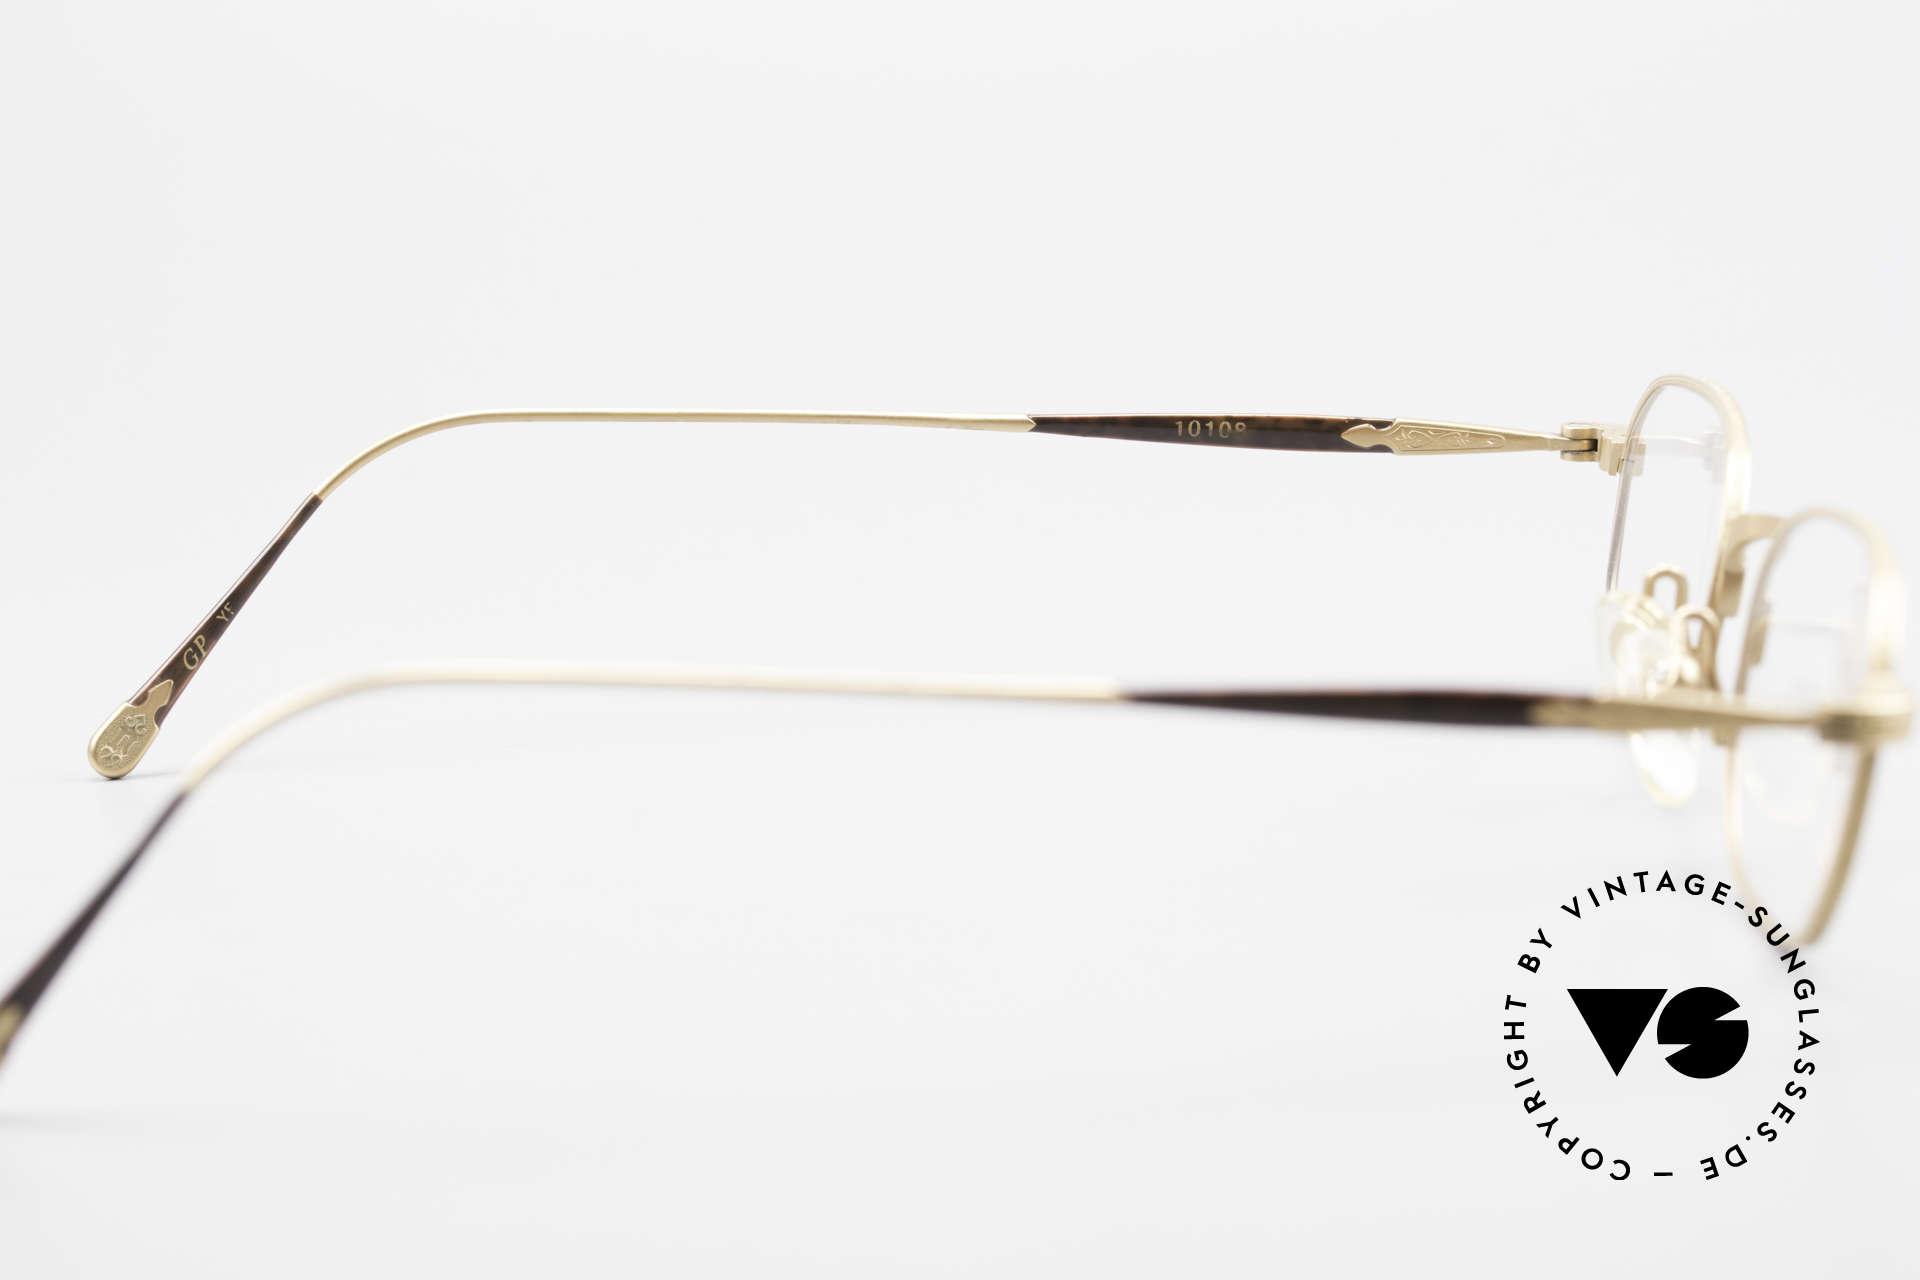 Matsuda 10108 Men's Eyeglasses 90's High End, Size: medium, Made for Men